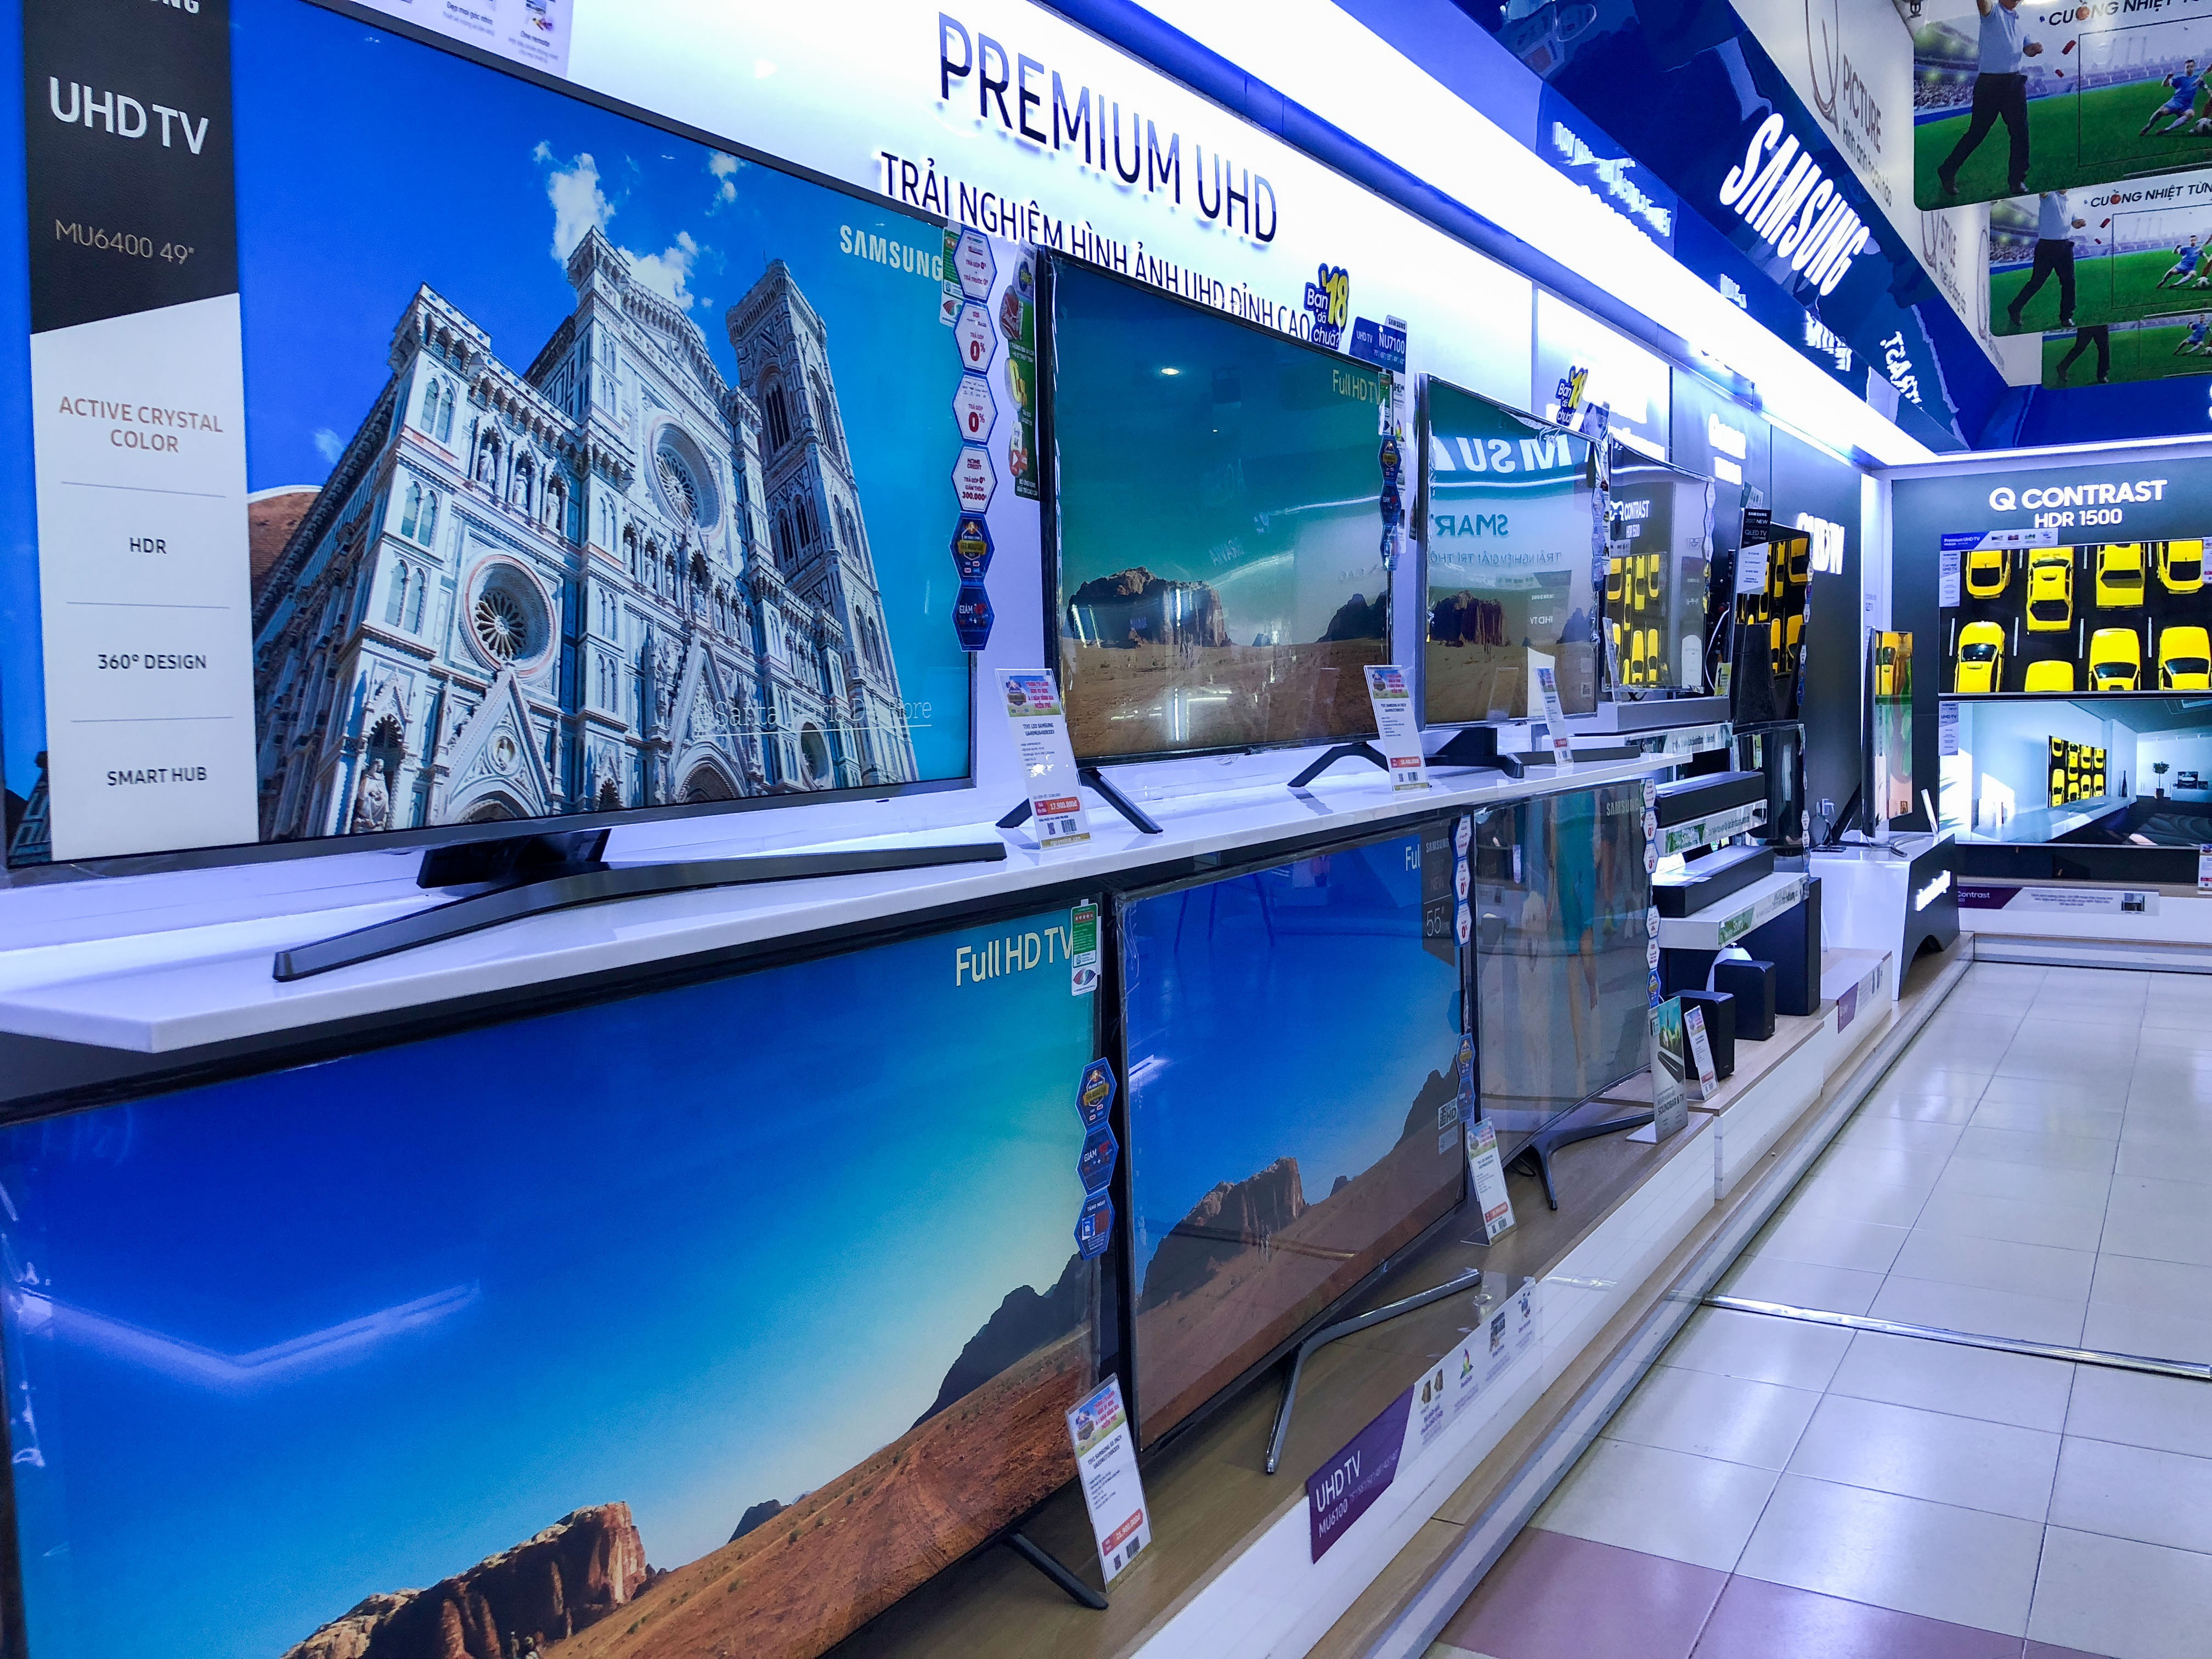 Thị trường TV sôi động những ngày cận kề mùa Euro